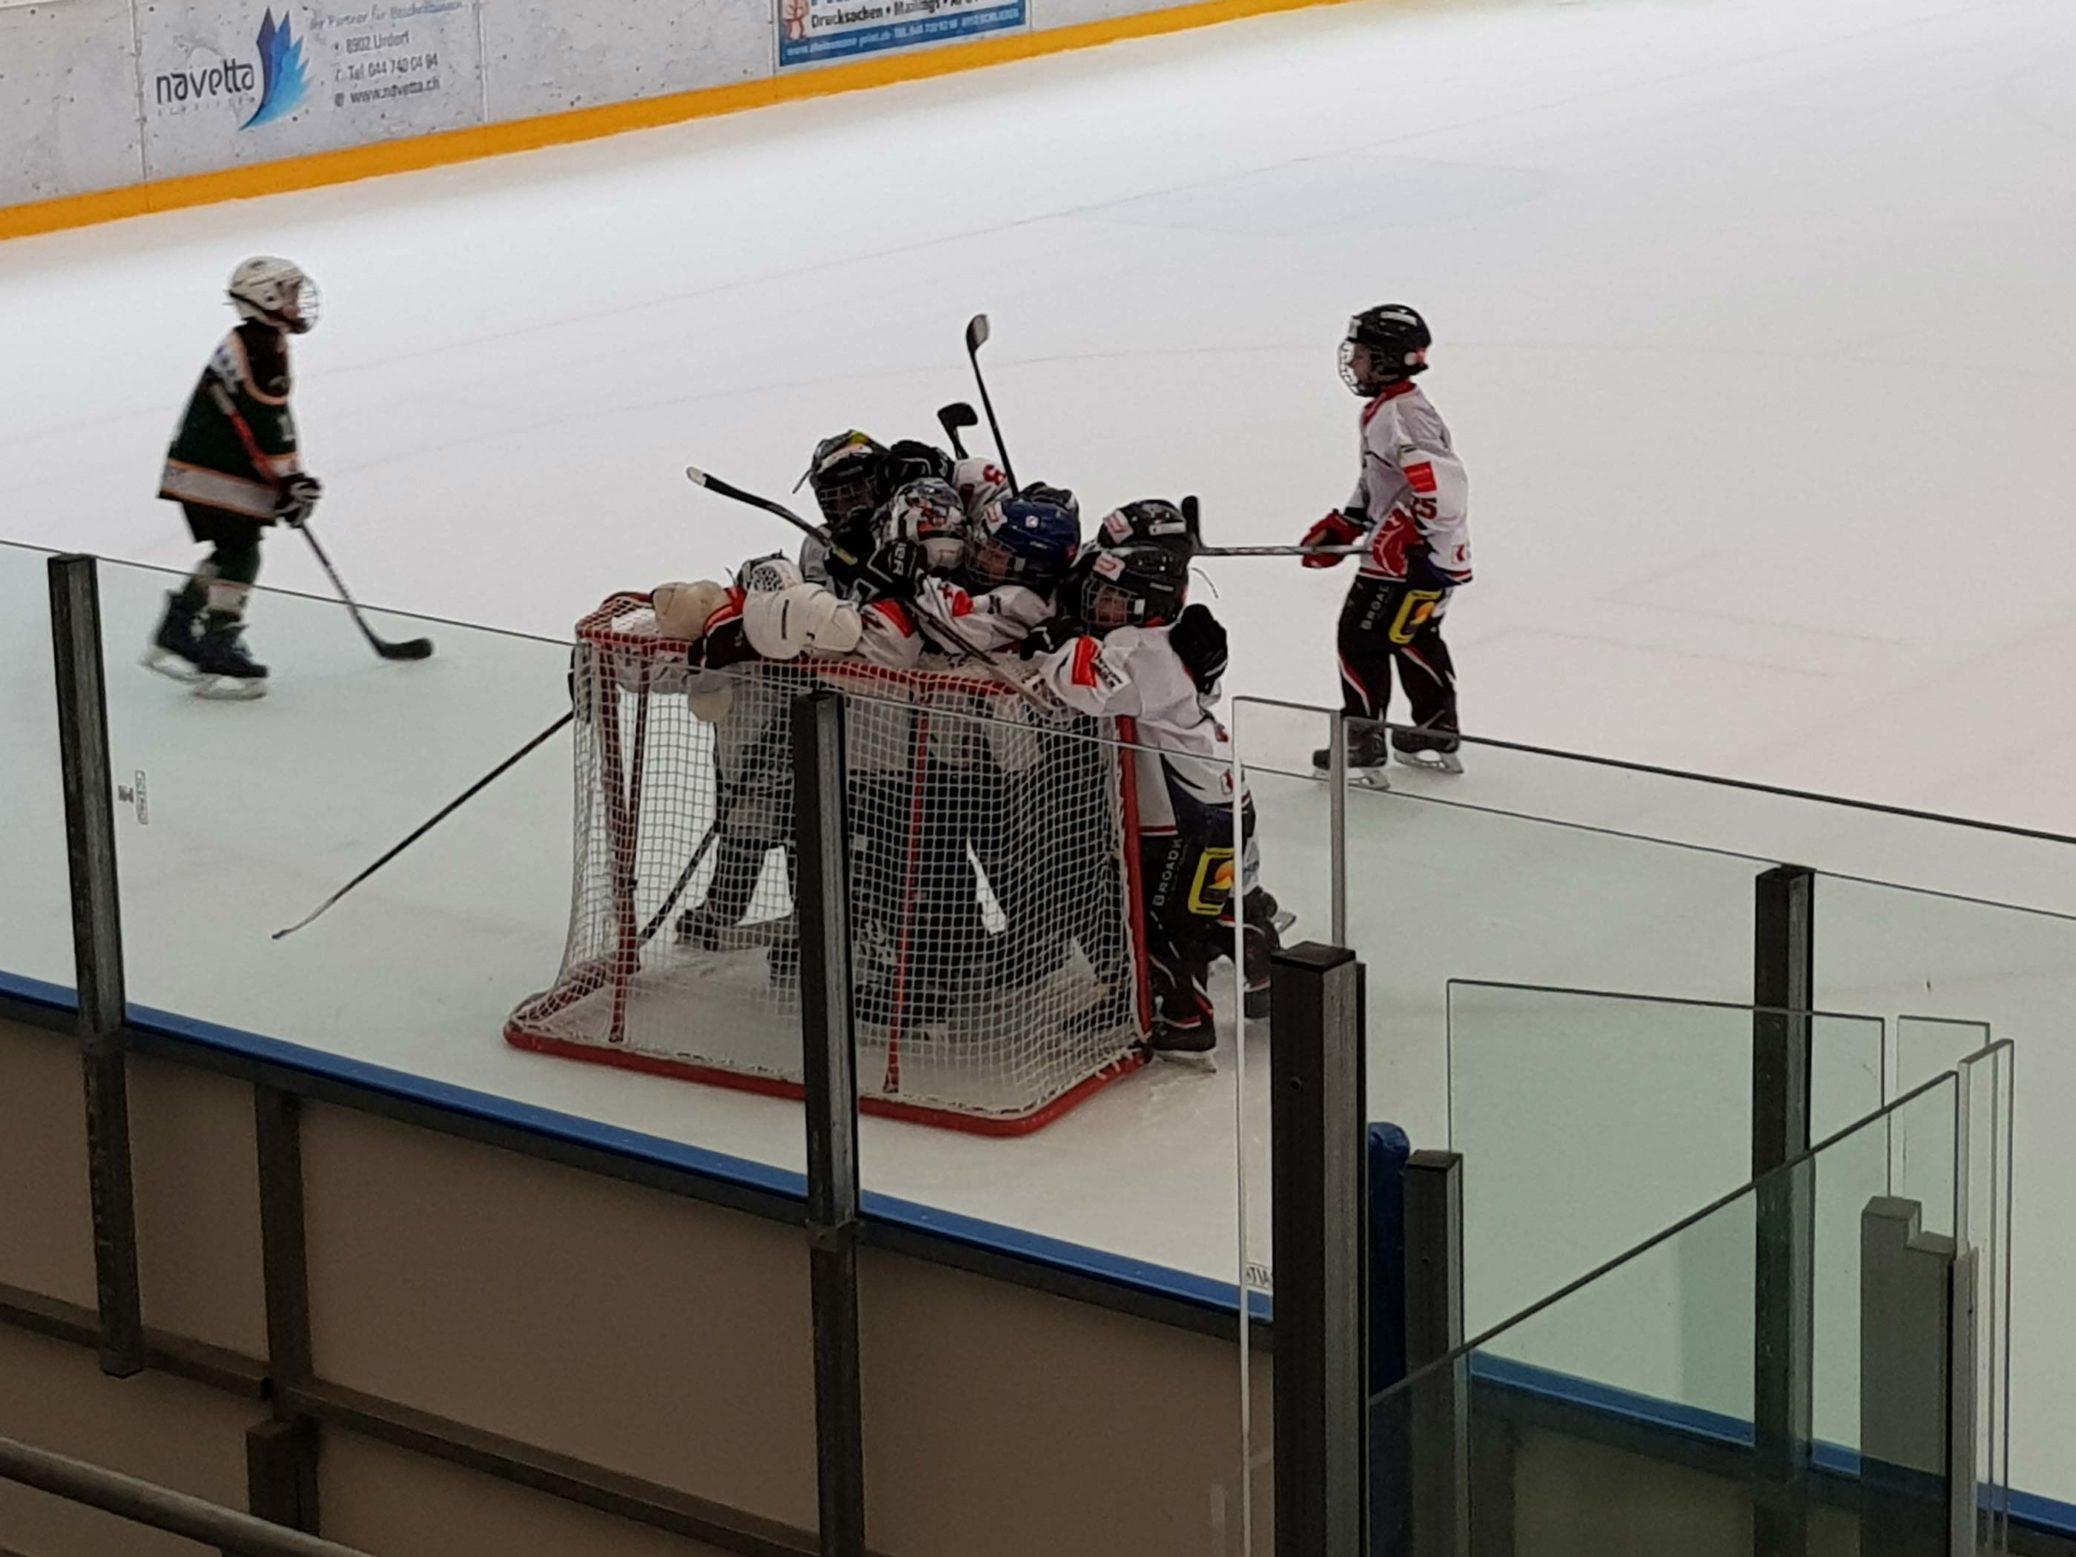 Nach einer hartumkämpften Partie gegen den EHC Illnau-Effretikon konnten die Glarner einen Sieg bejubeln. Foto: Mirjam Imhof.